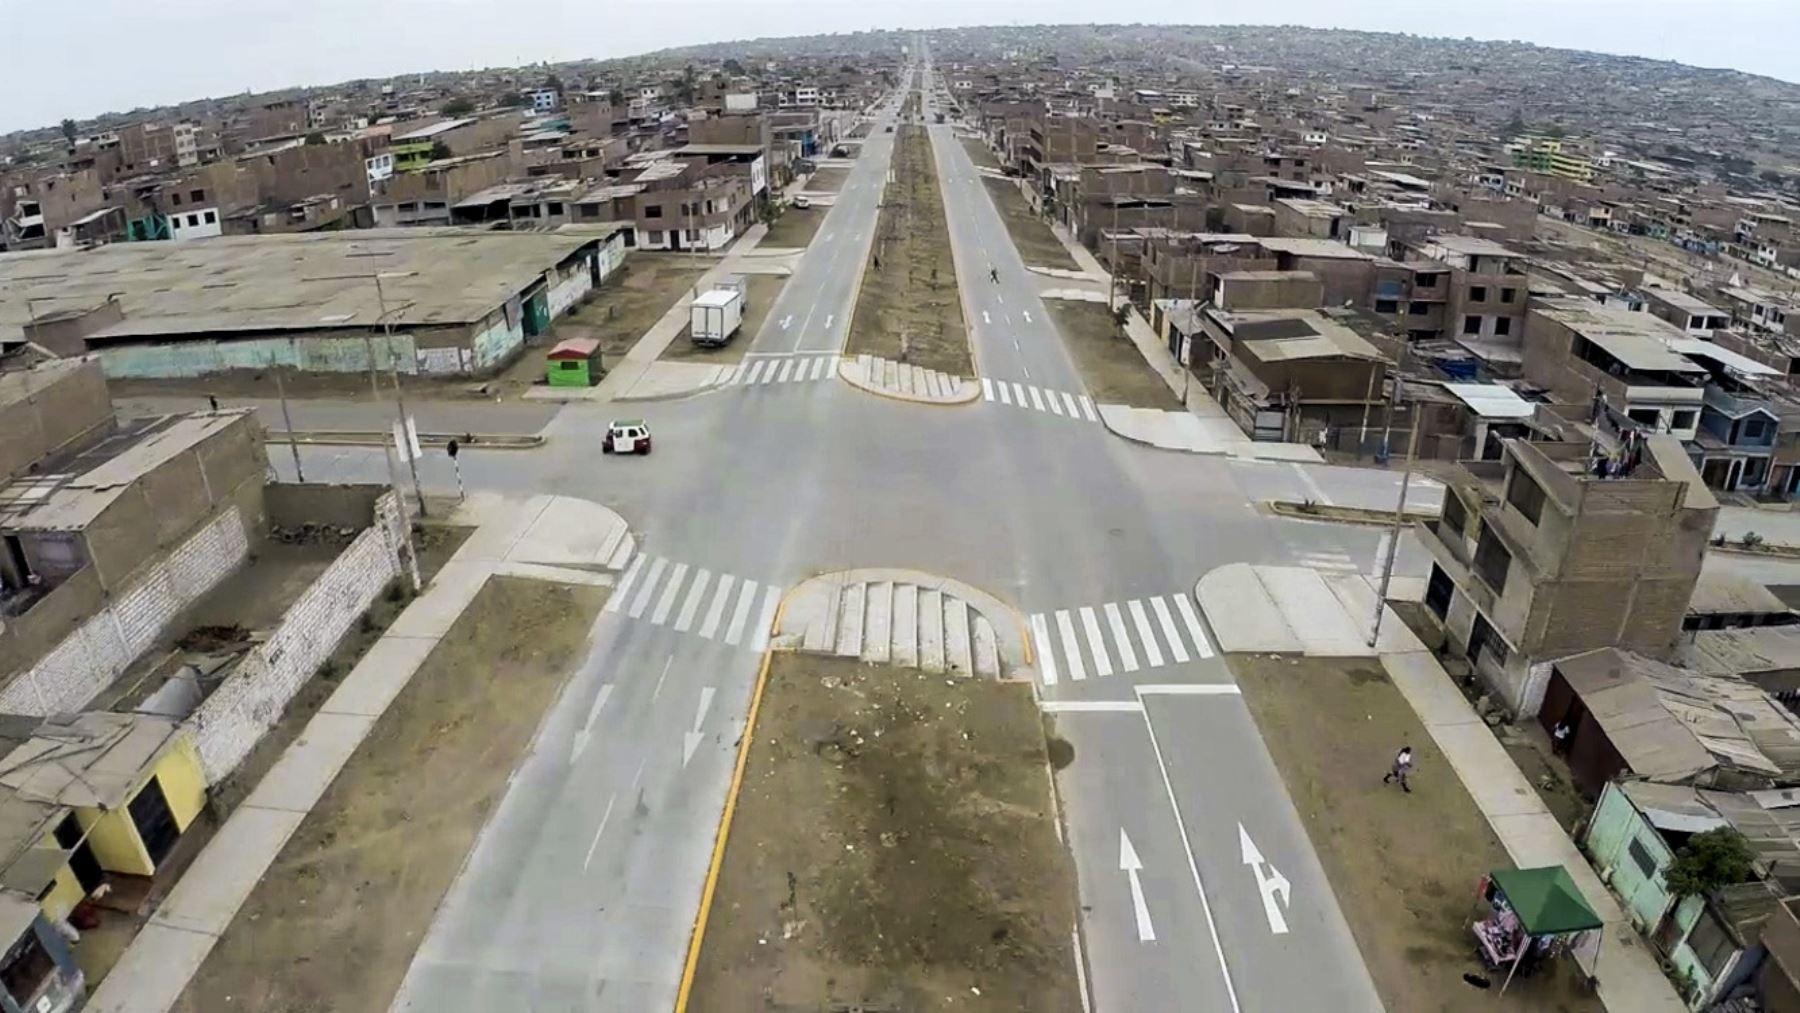 Remodelación de Av. María Elena Moyano, incluye pavimentación de otras avenidas, señalización, bermas de concreto y señalización.